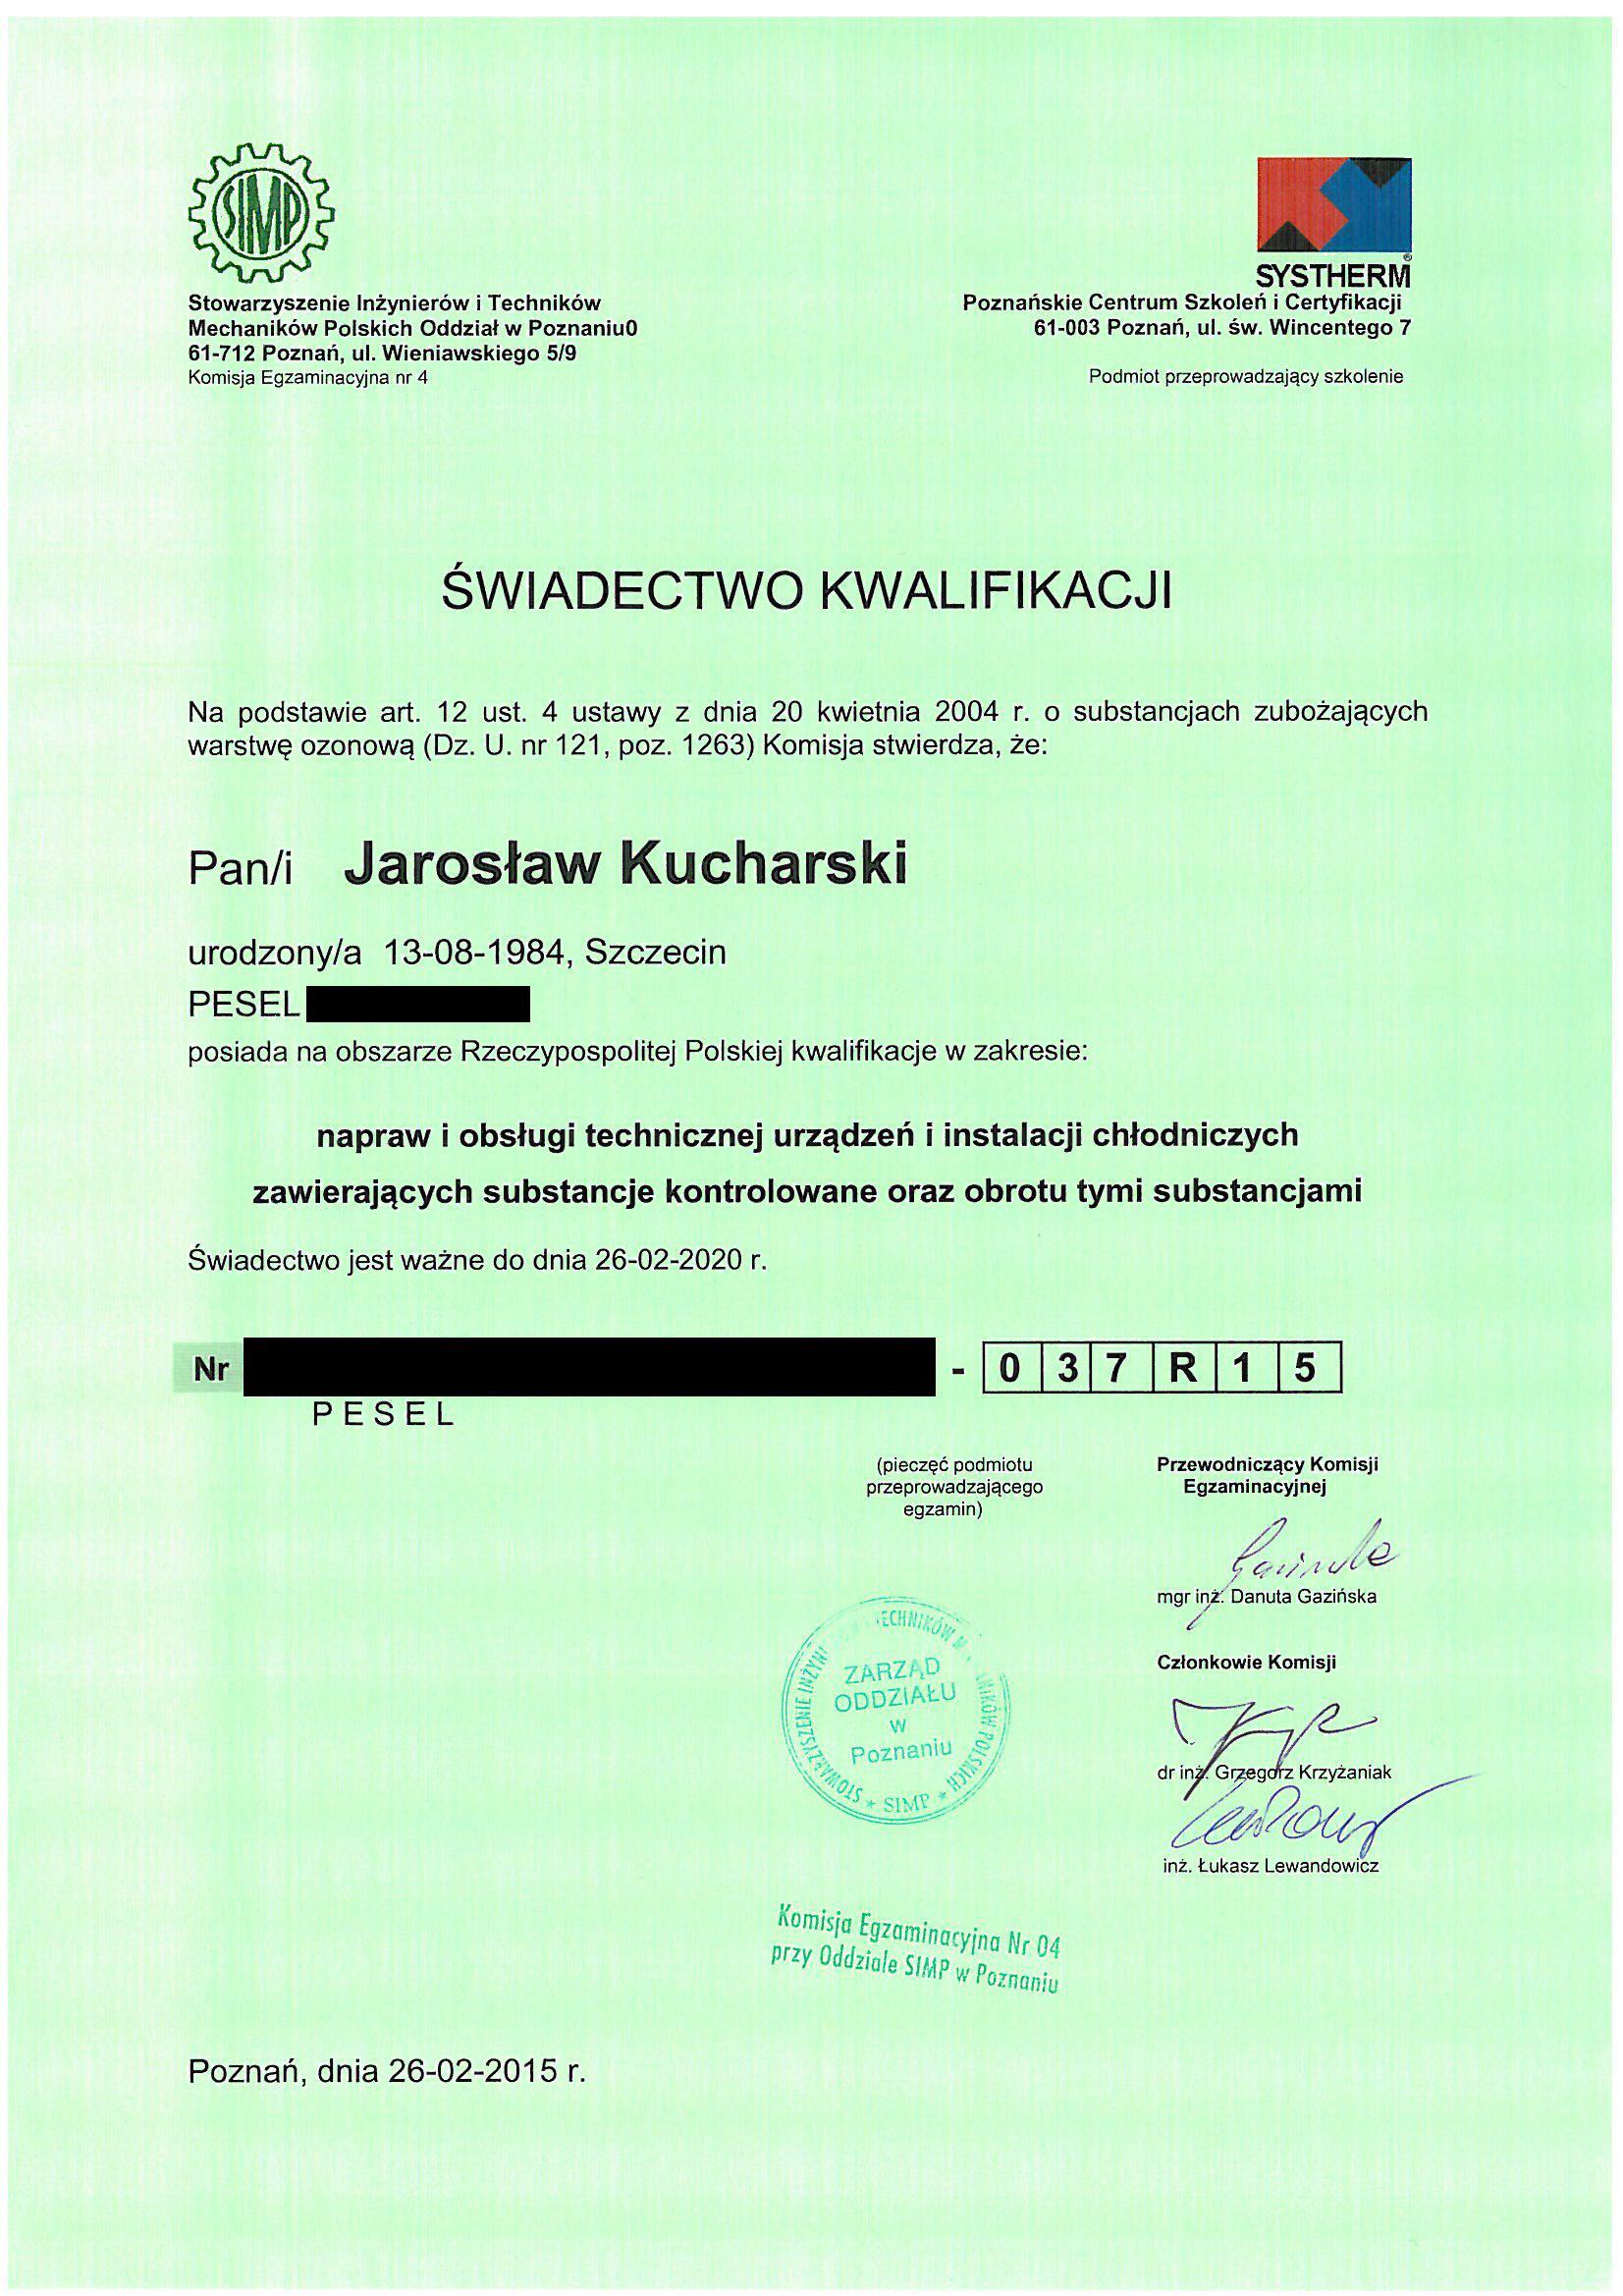 swiadectwo_kwalifikacji1